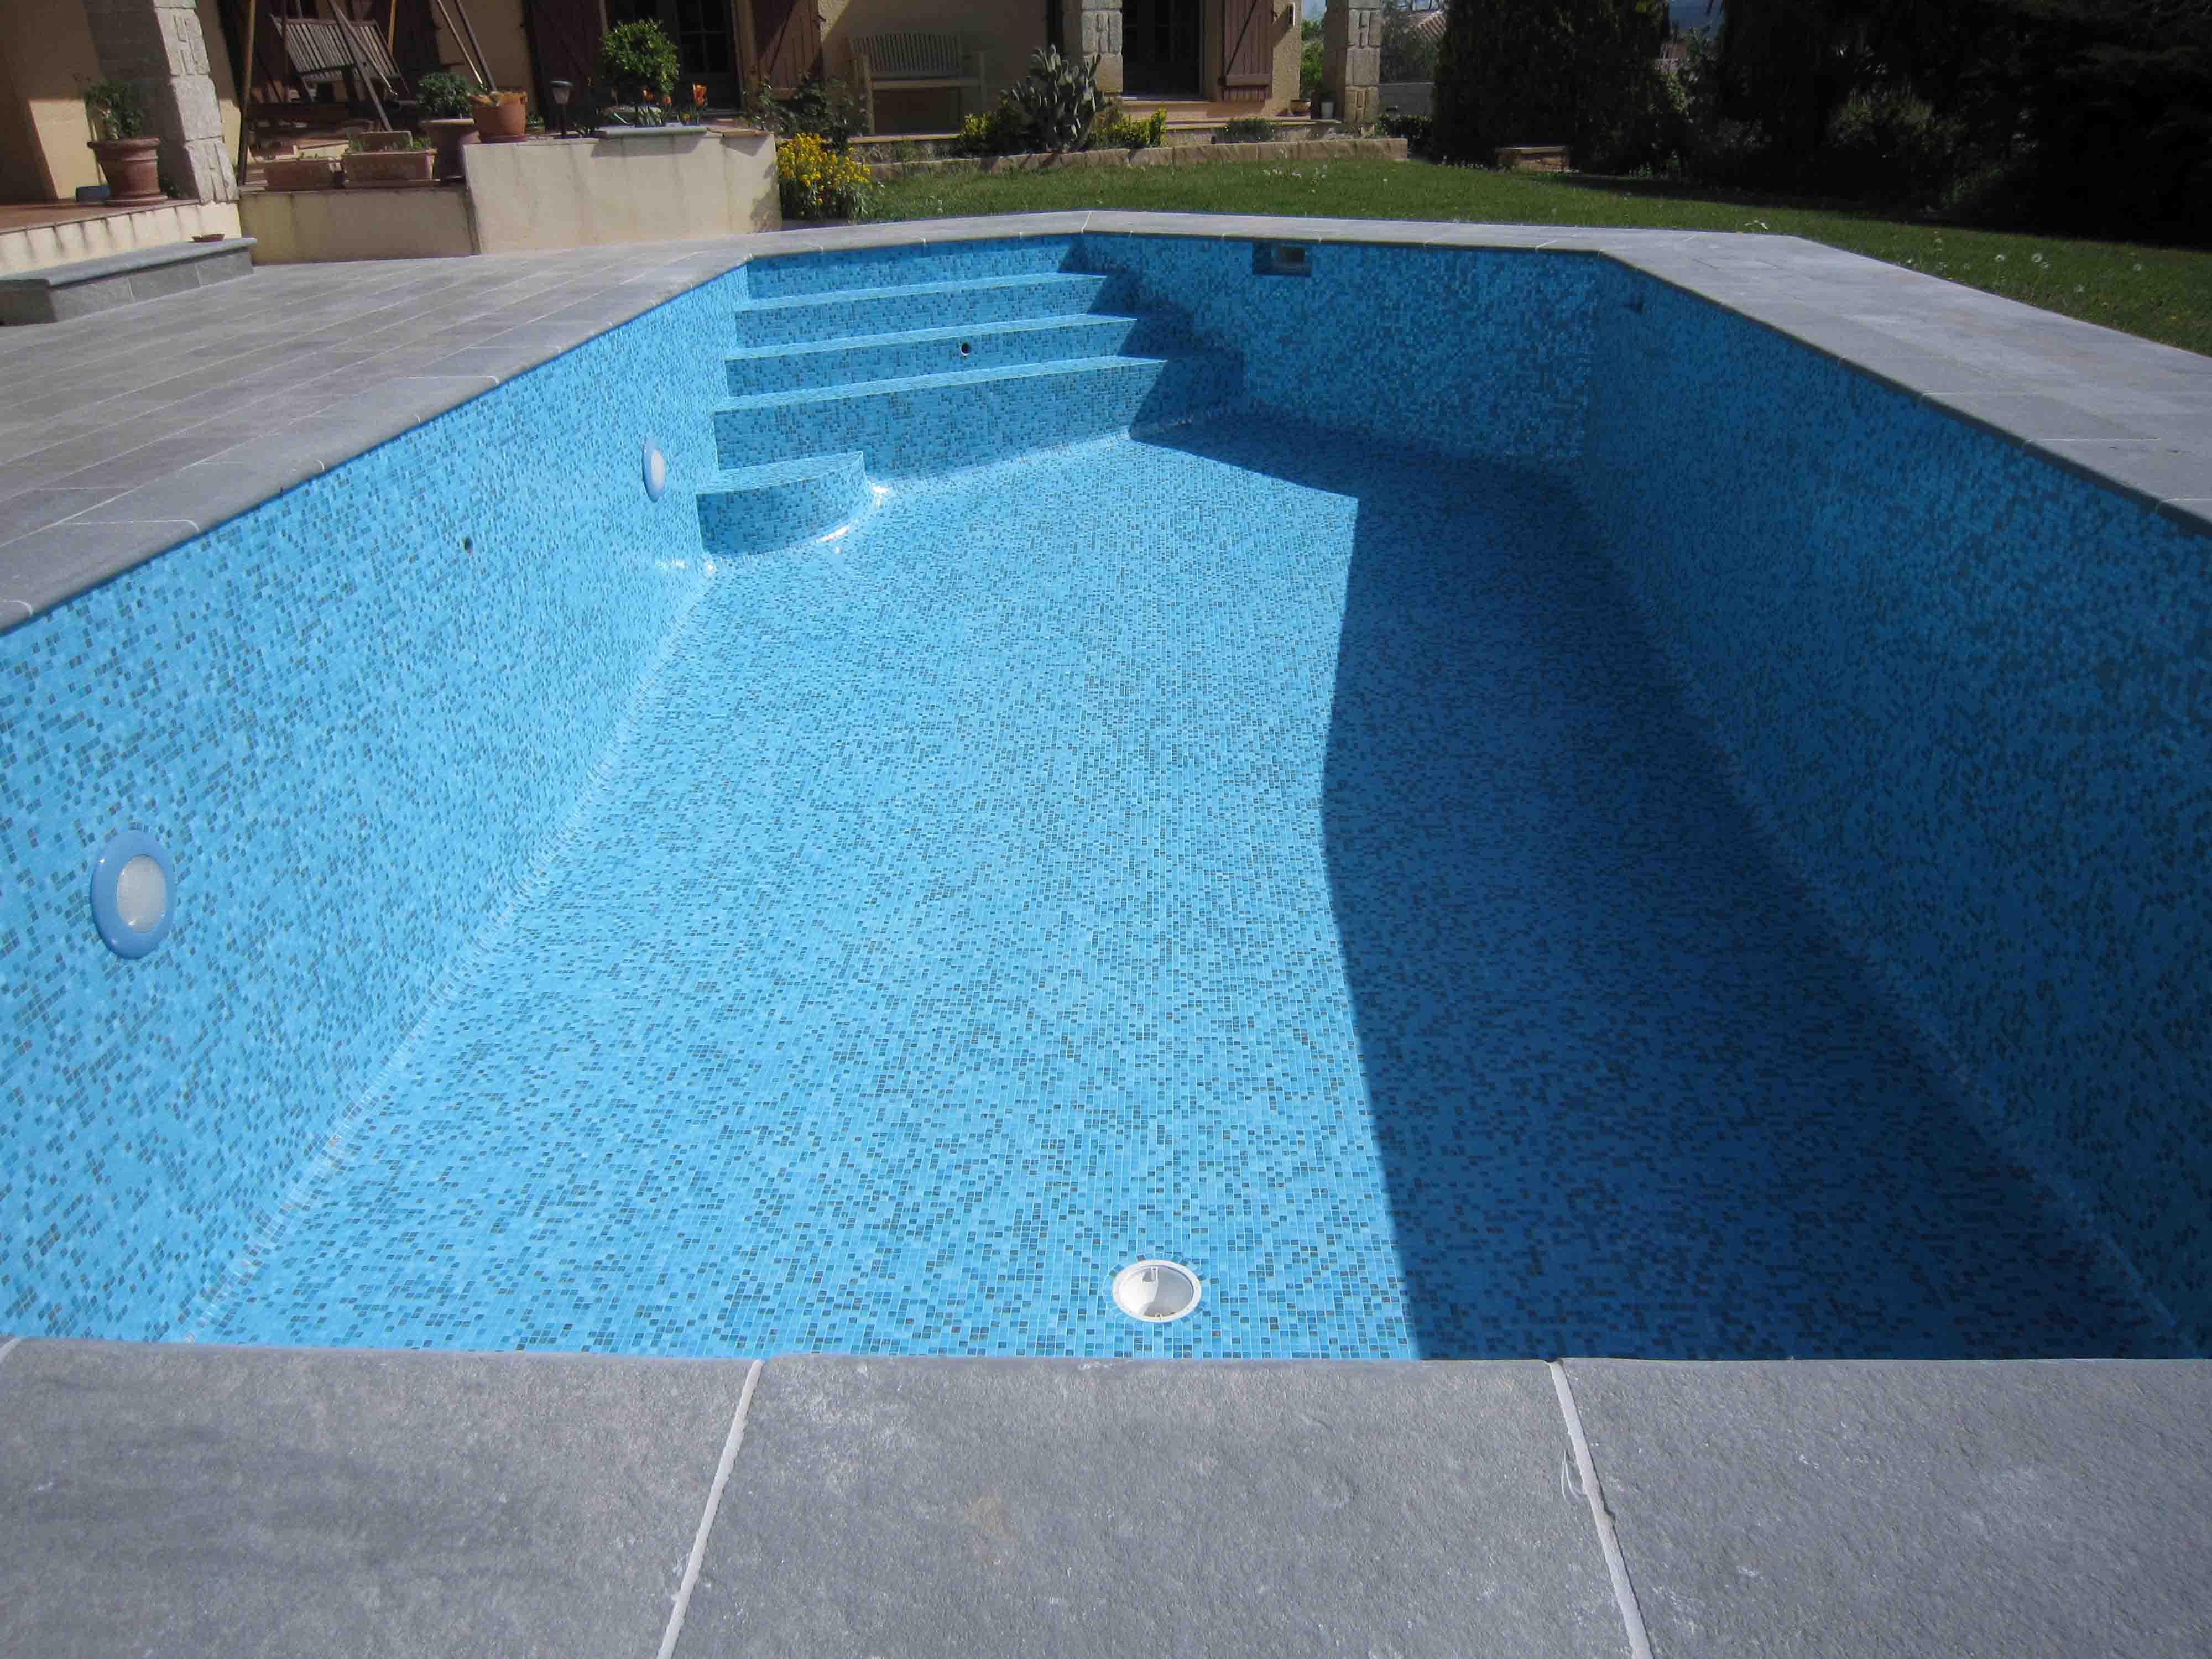 Dolce mosaic photos piscines en p tes de verre for Piscine en carrelage